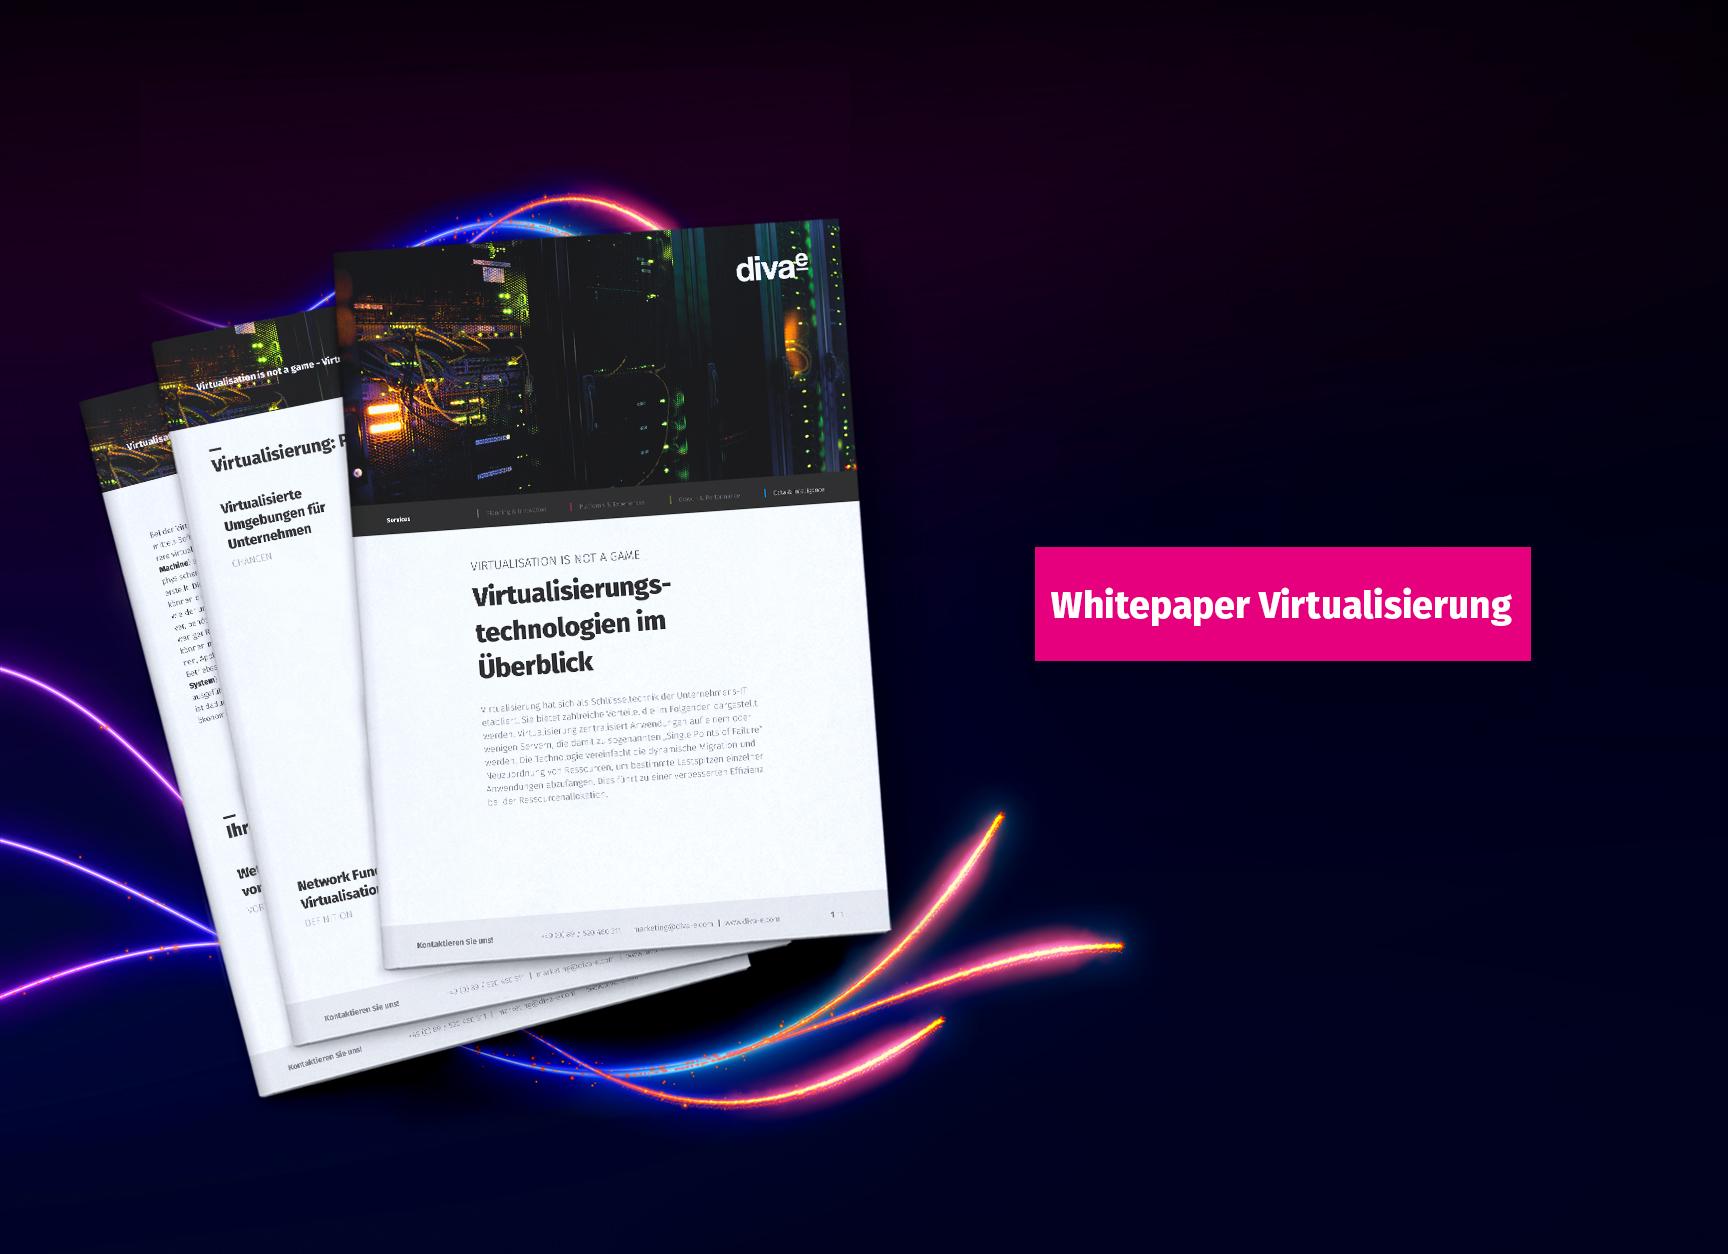 Virtualisierungslösungen als IT-Wunderwerkzeug?